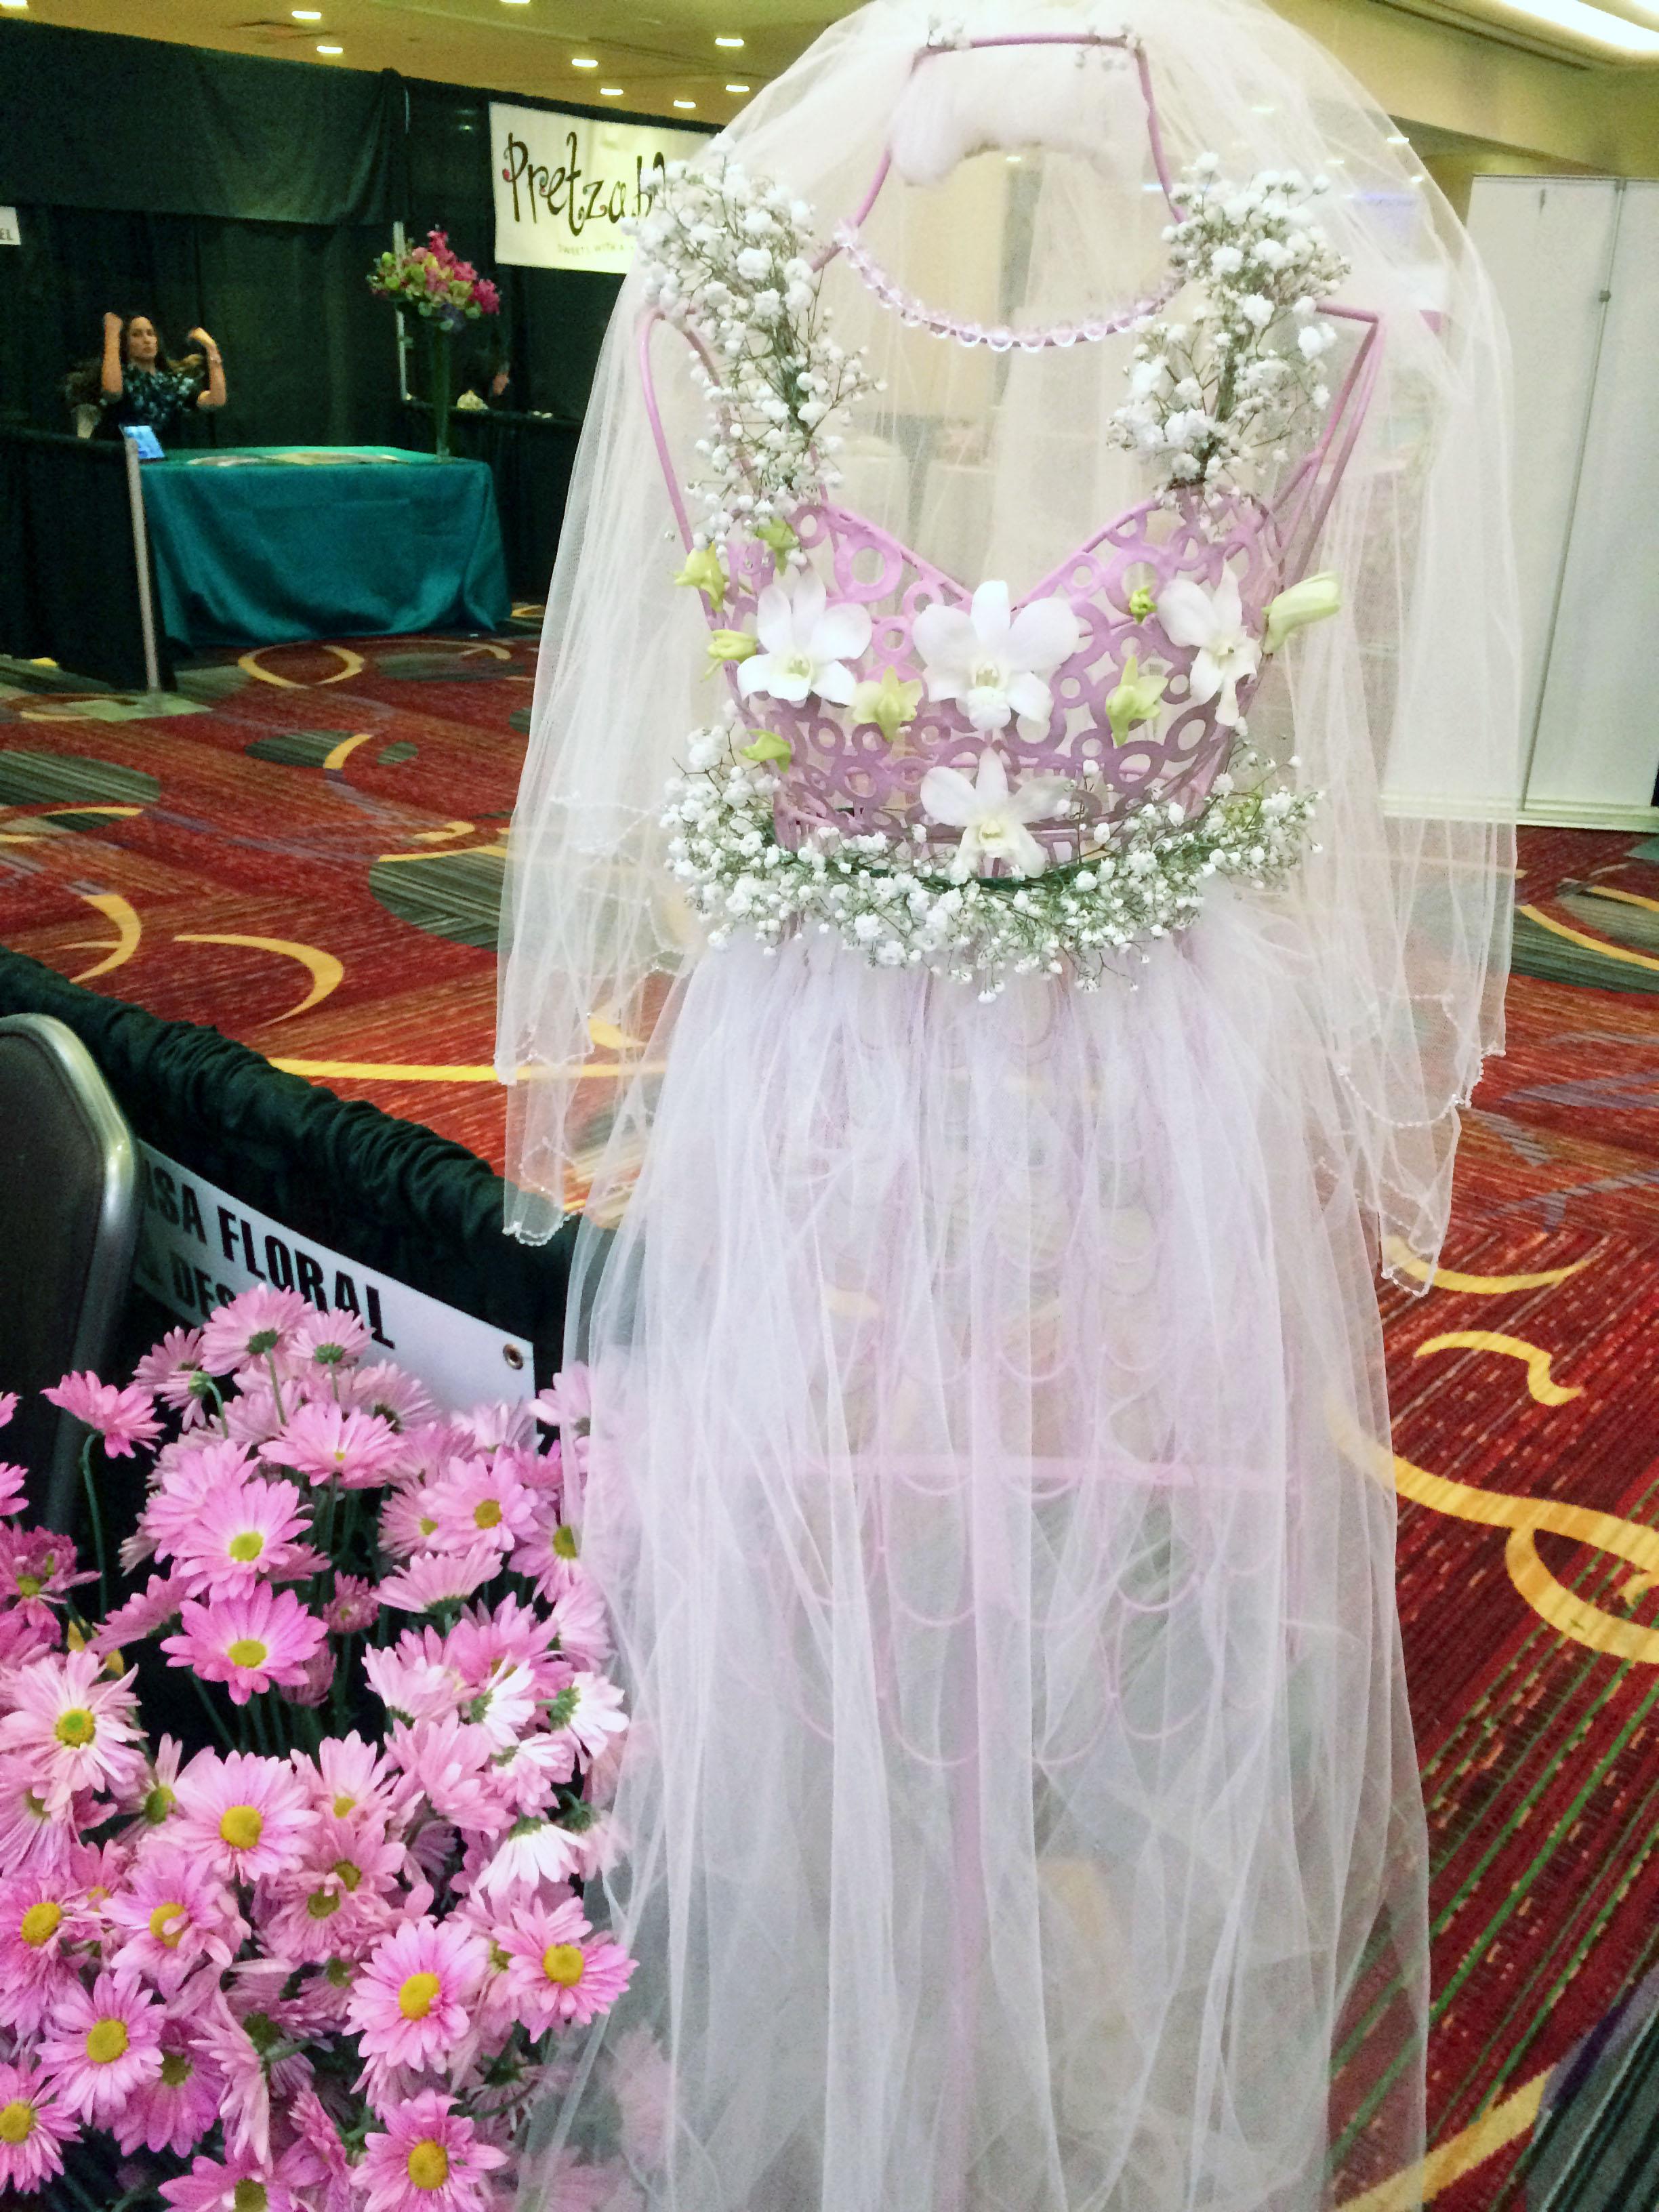 Our Mannequin Bride